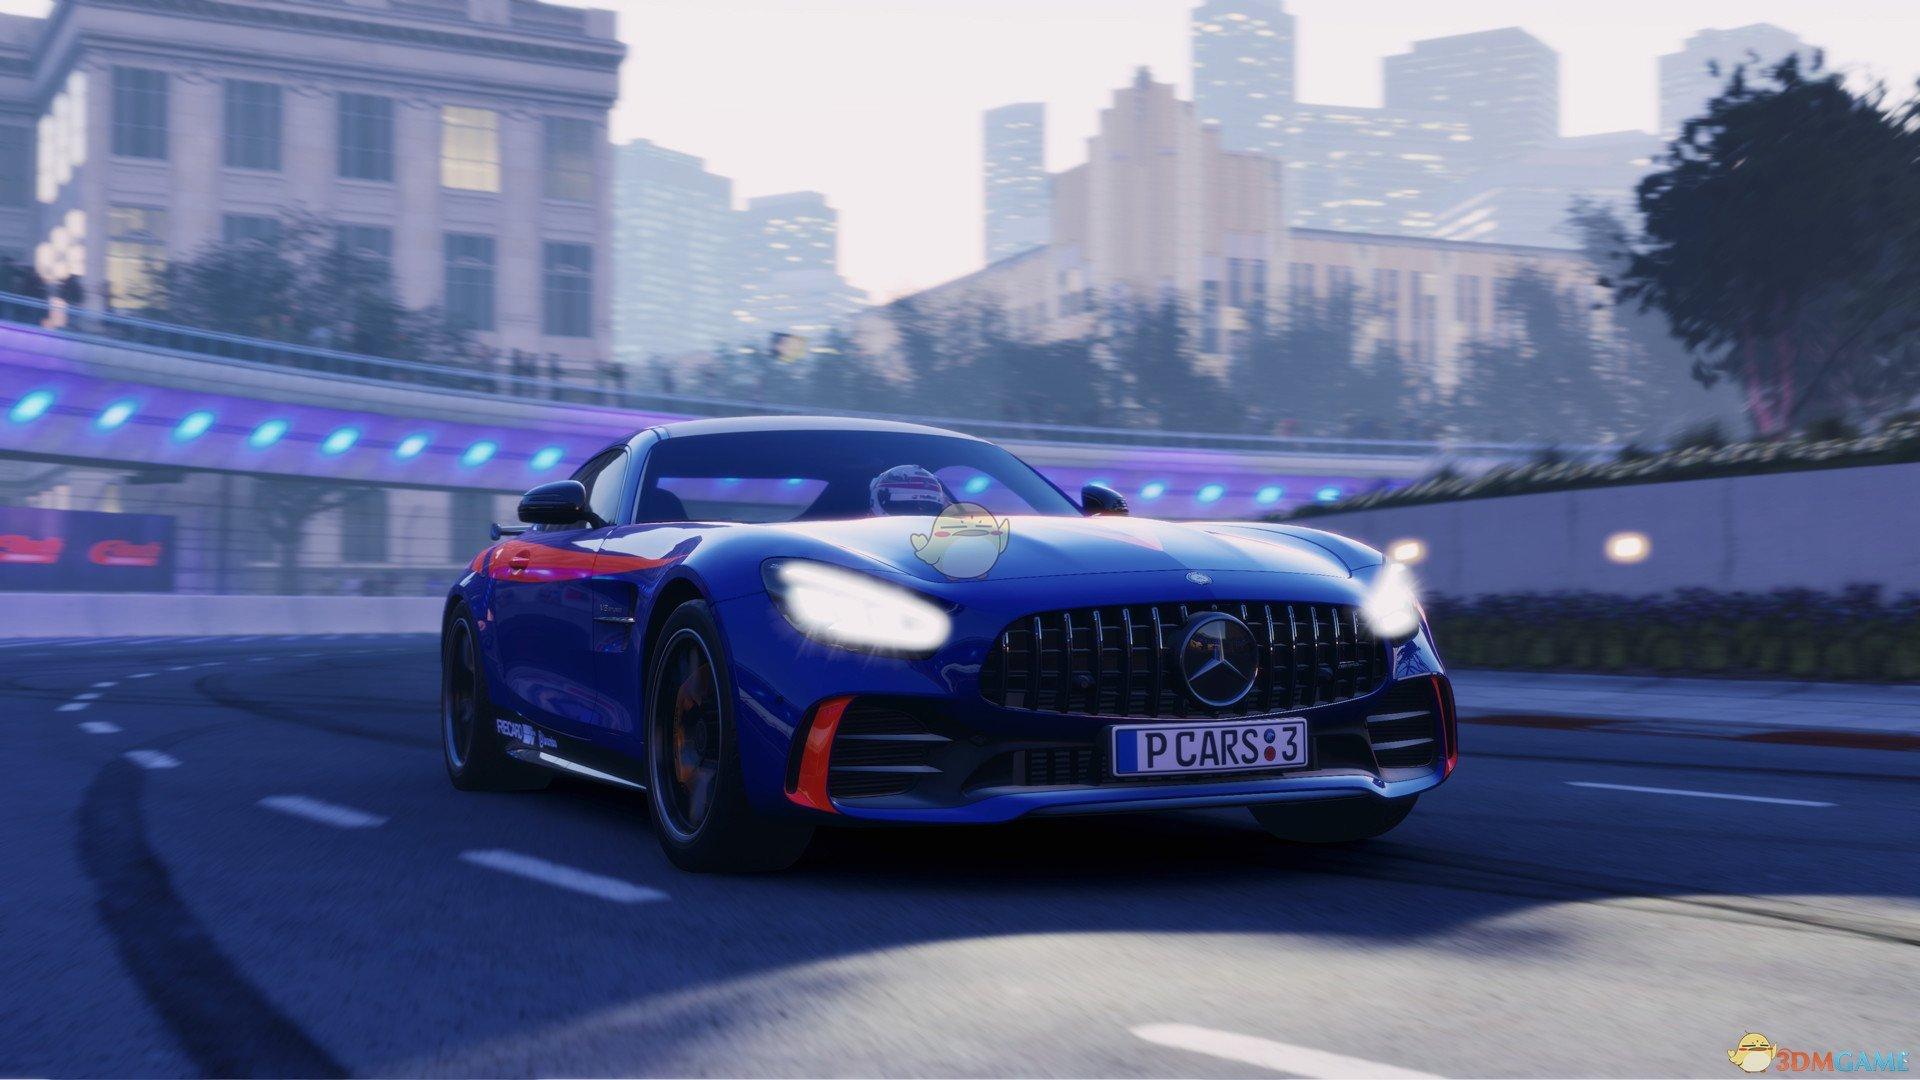 《赛车计划3》游戏特色内容一览